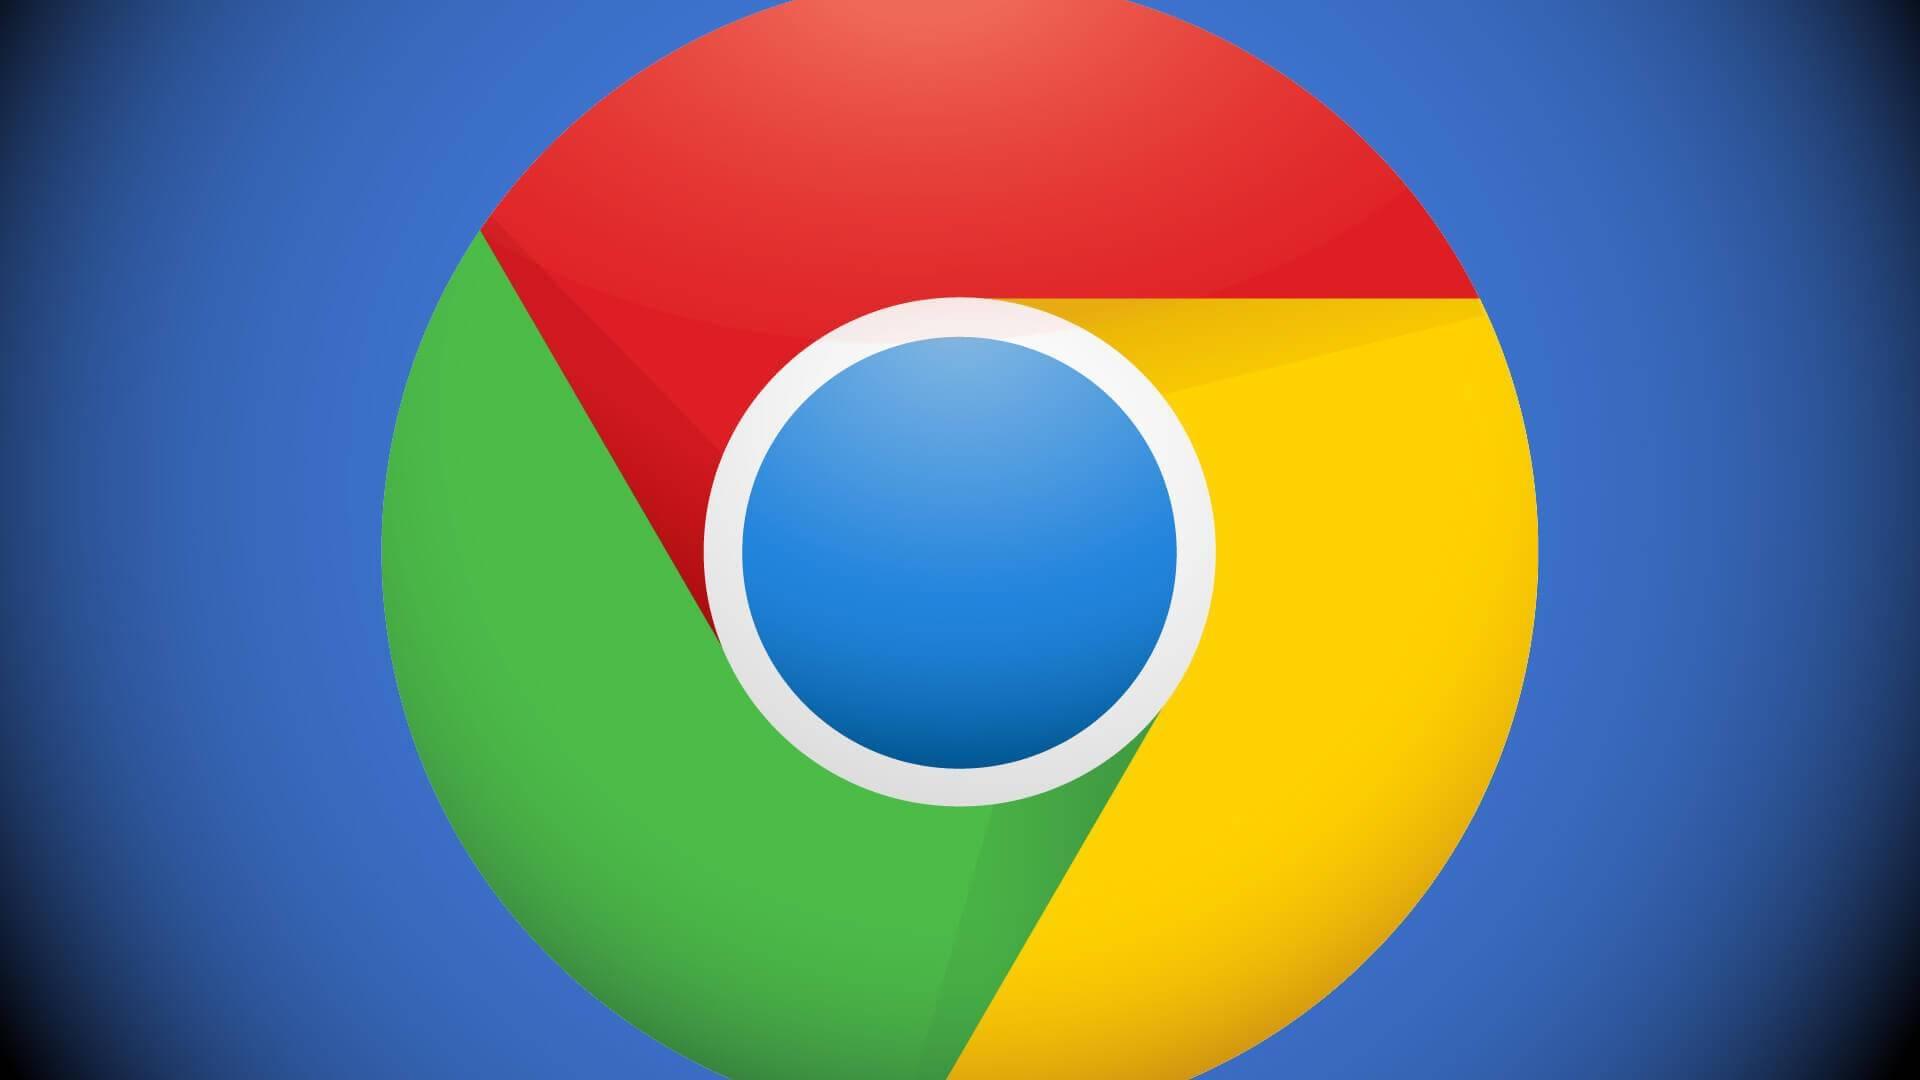 google-chrome-logo-1920